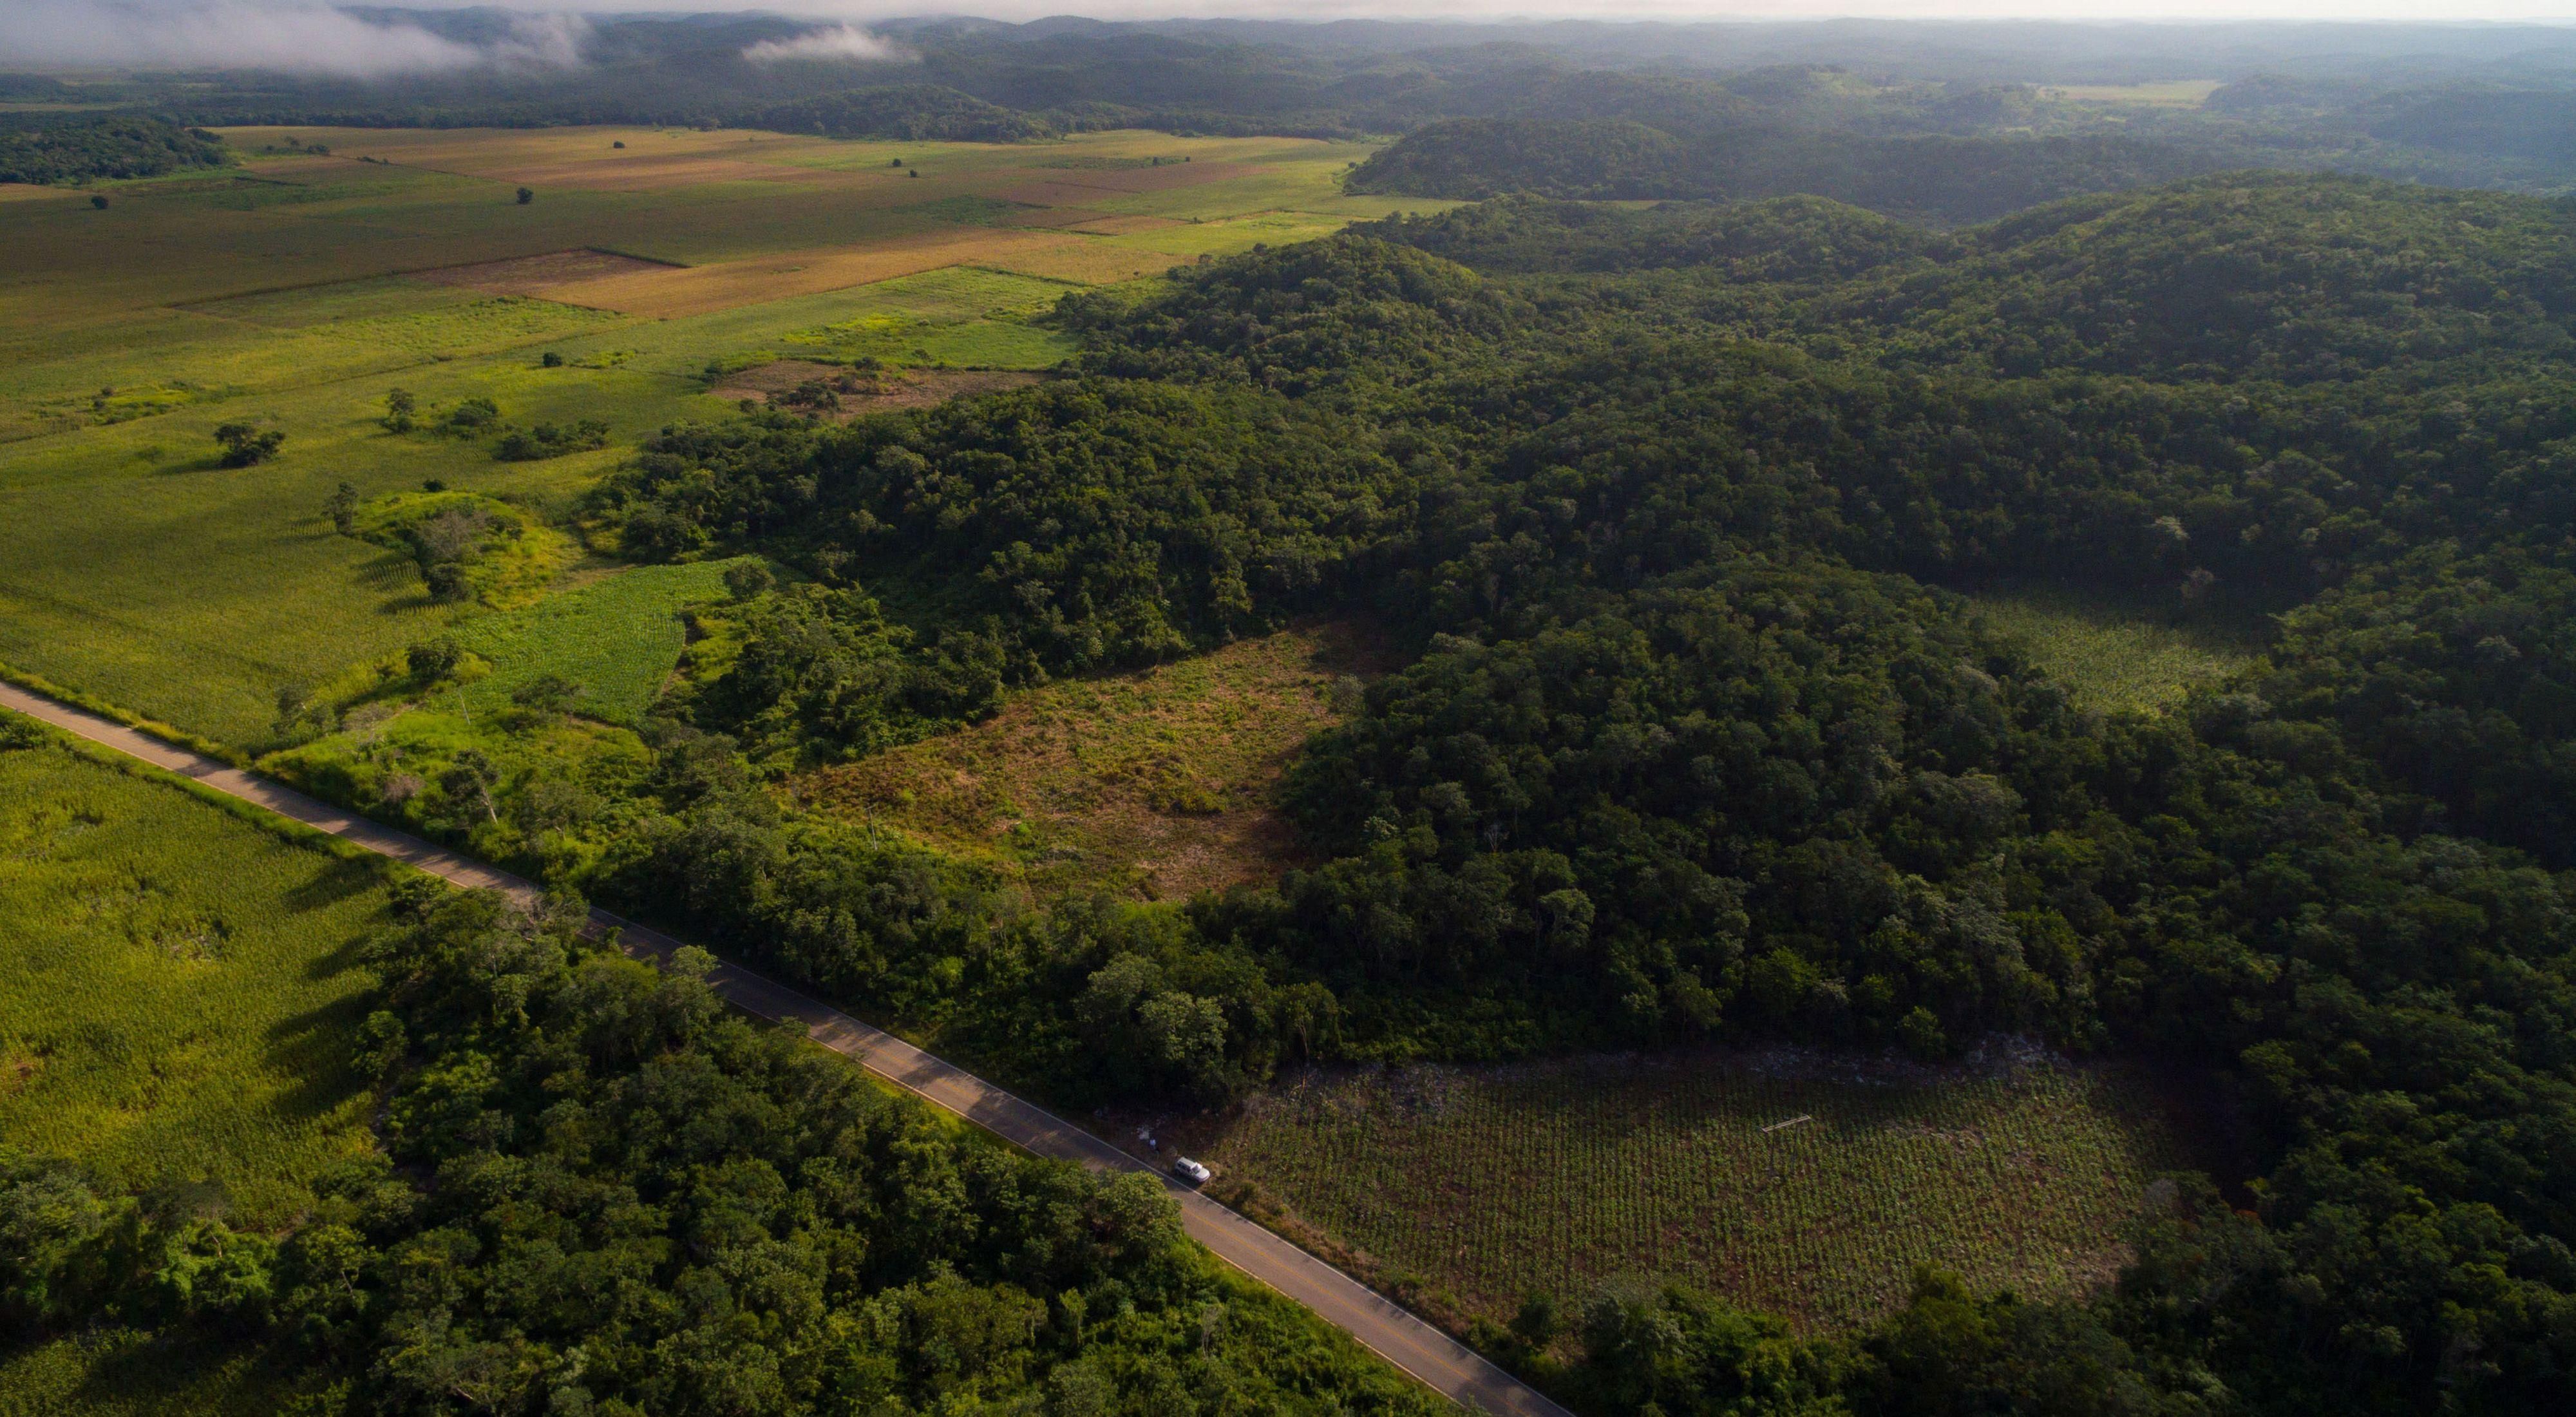 Vista aérea de los campos de maíz cerca de la comunidad menonita de Santa María, Campeche, México.